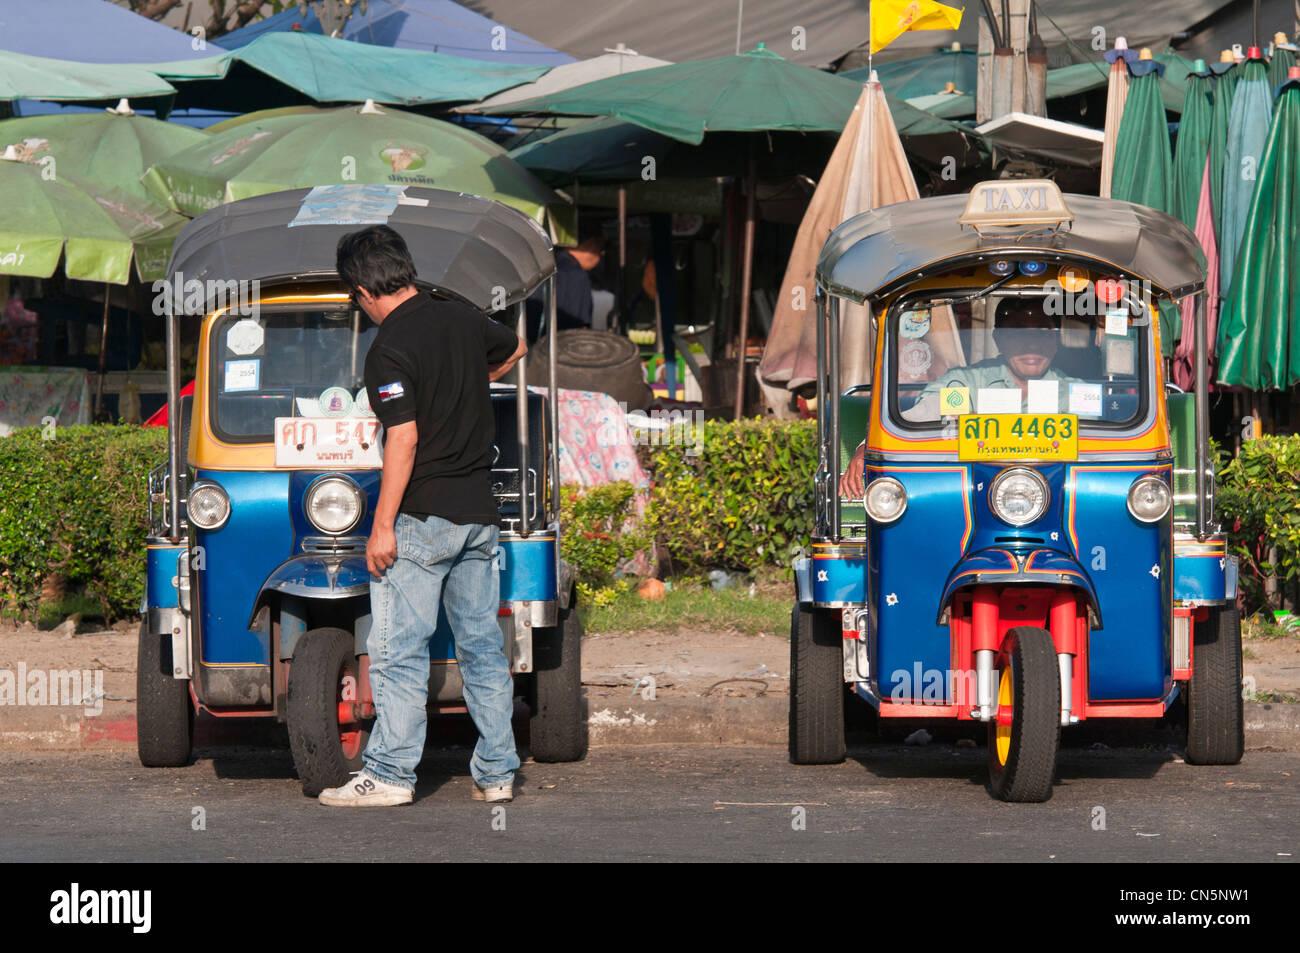 Thailandia, Bangkok, il tuk-tuk, un mezzo di trasporto popolare con i turisti e tailandese. Immagini Stock